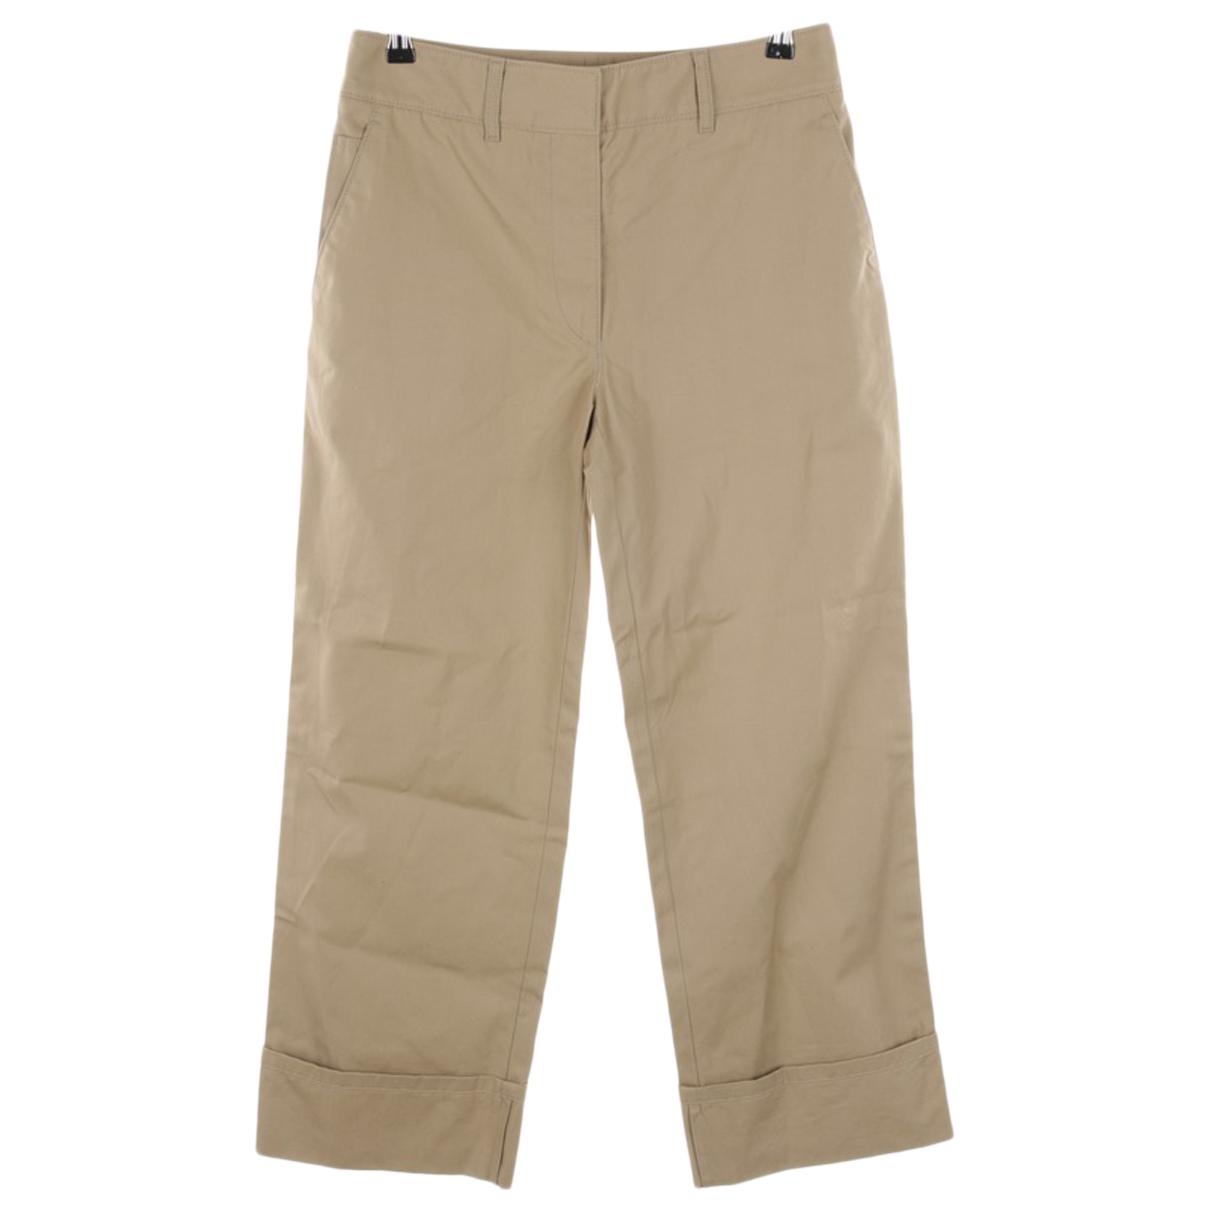 Prada N Beige Cotton Trousers for Women 36 IT